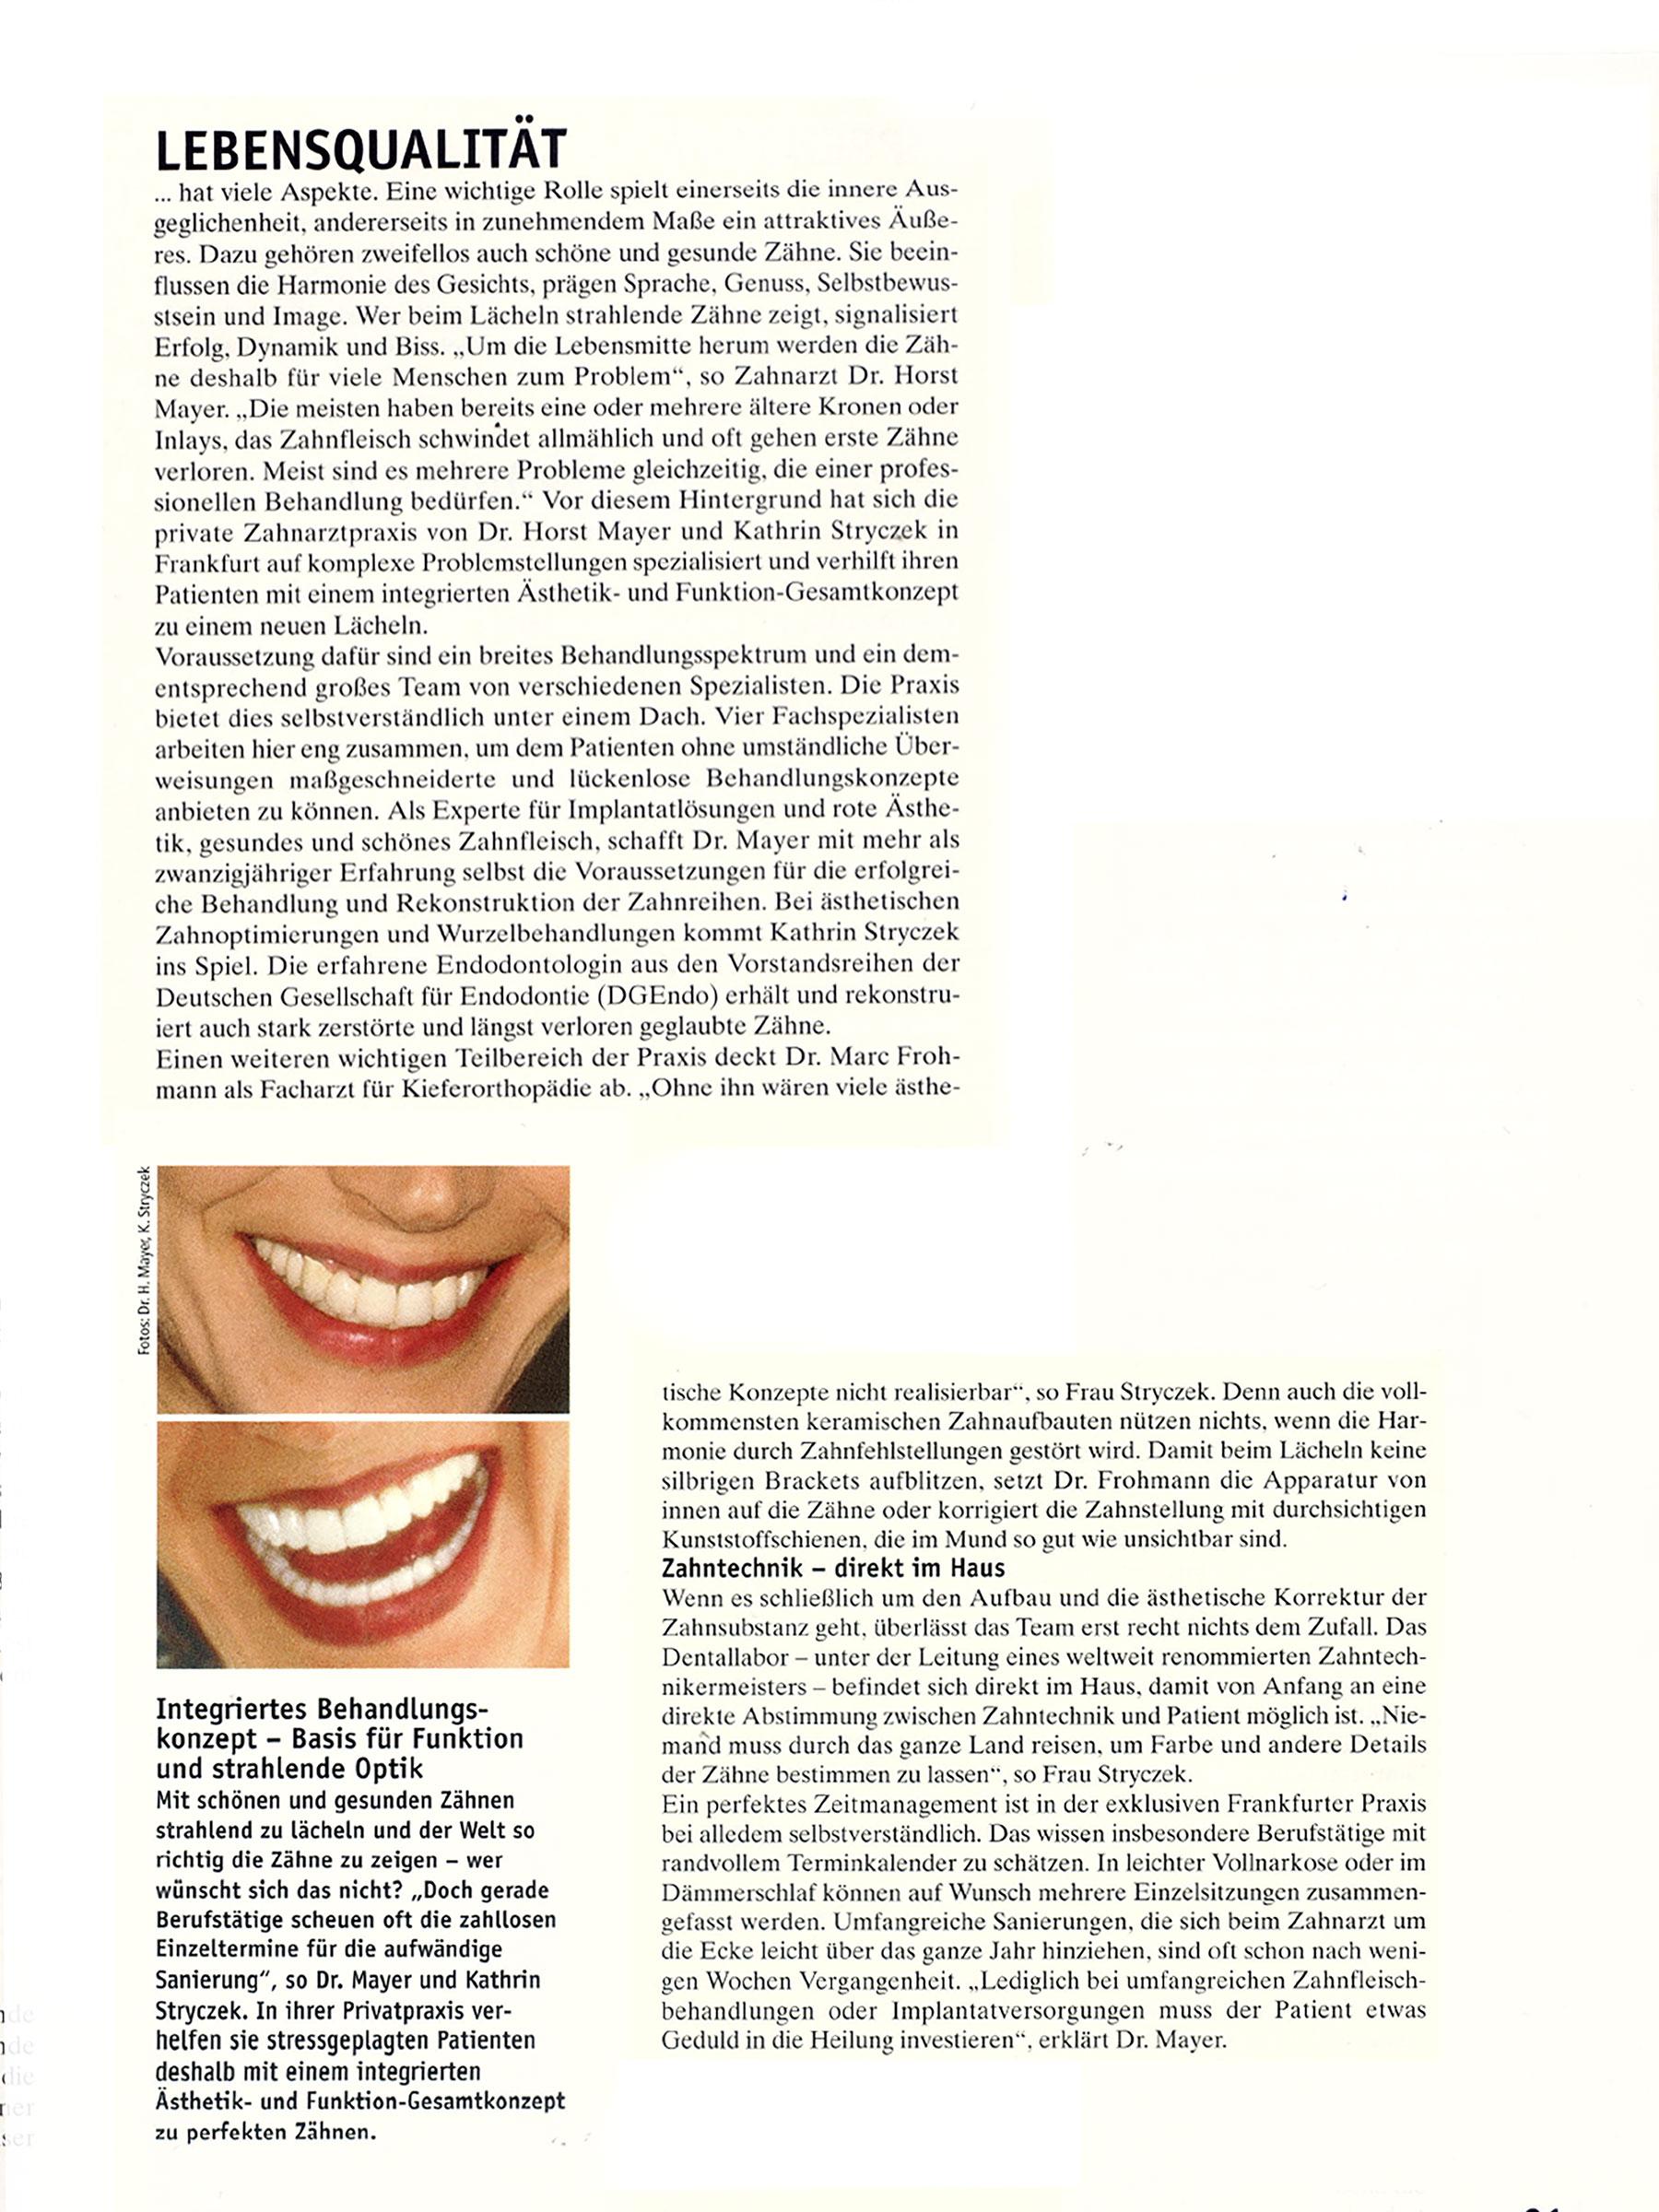 """""""Die aktuellen Methoden der Schönheitsmedizin. Jünger aussehen, sich besser fühlen, schöner lächeln."""" Sonderpublikation, 06/2006"""